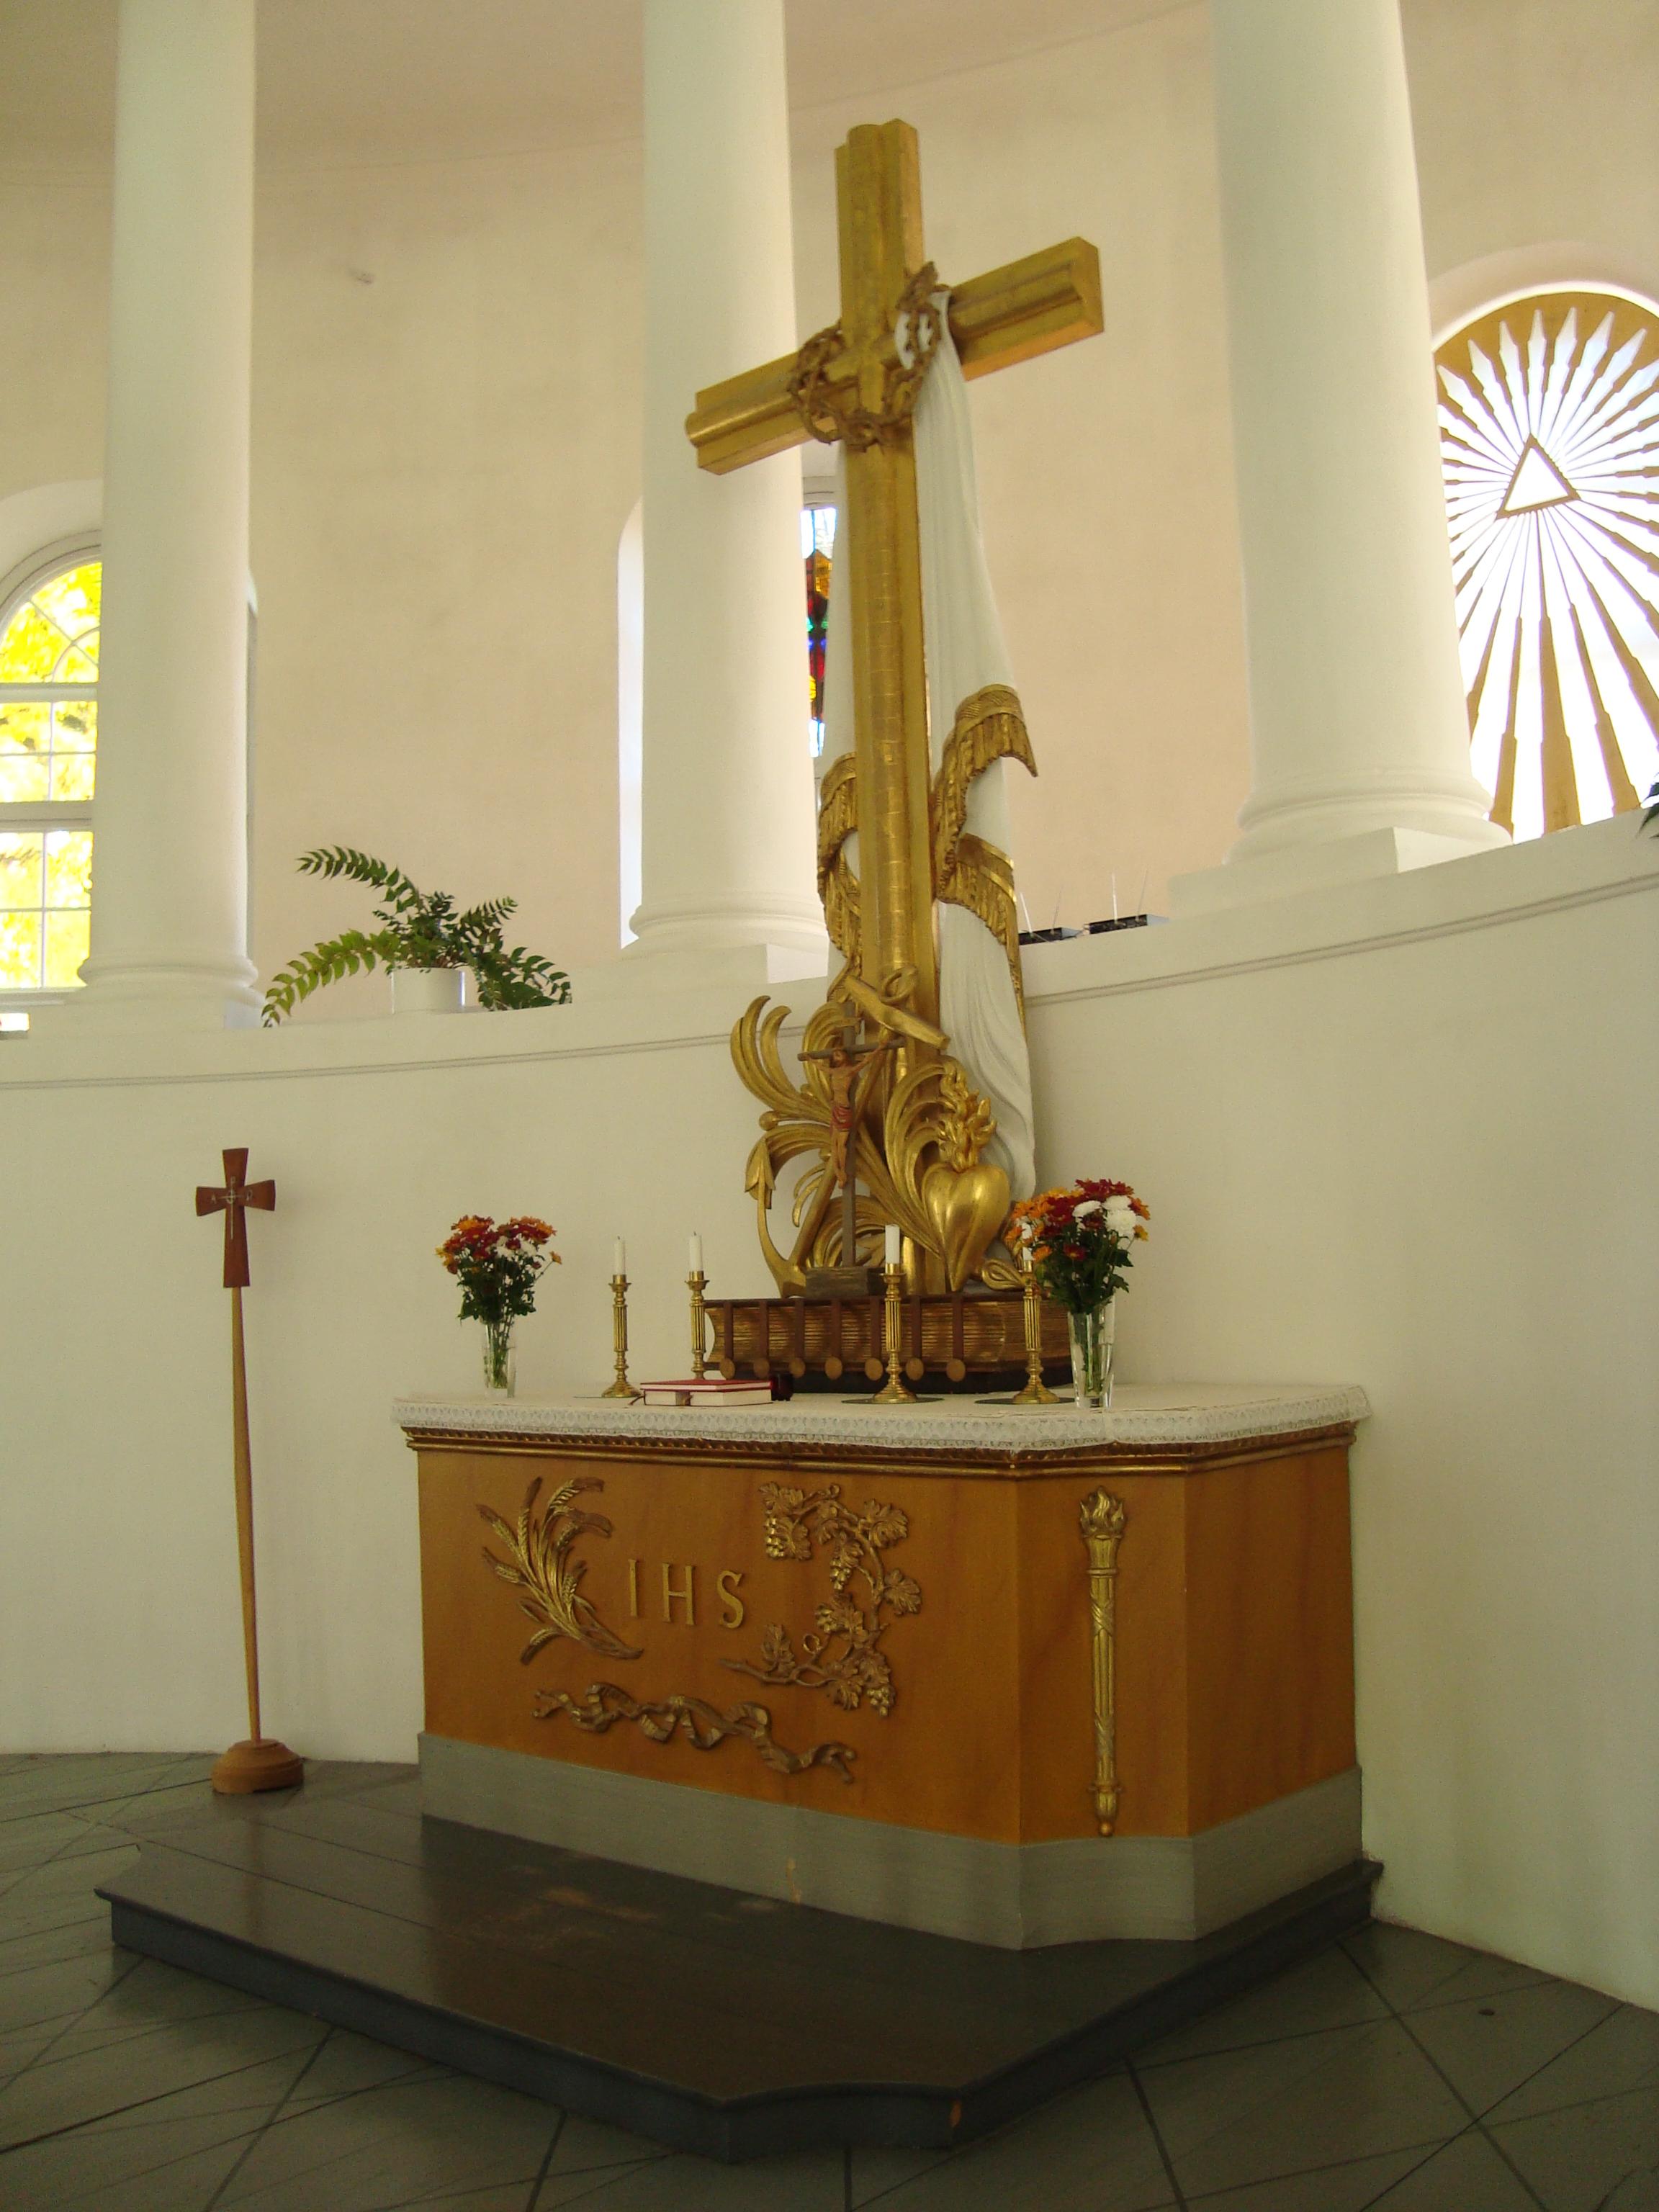 Folkrna kyrkogrd in Avesta, Dalarnas ln - Find A Grave